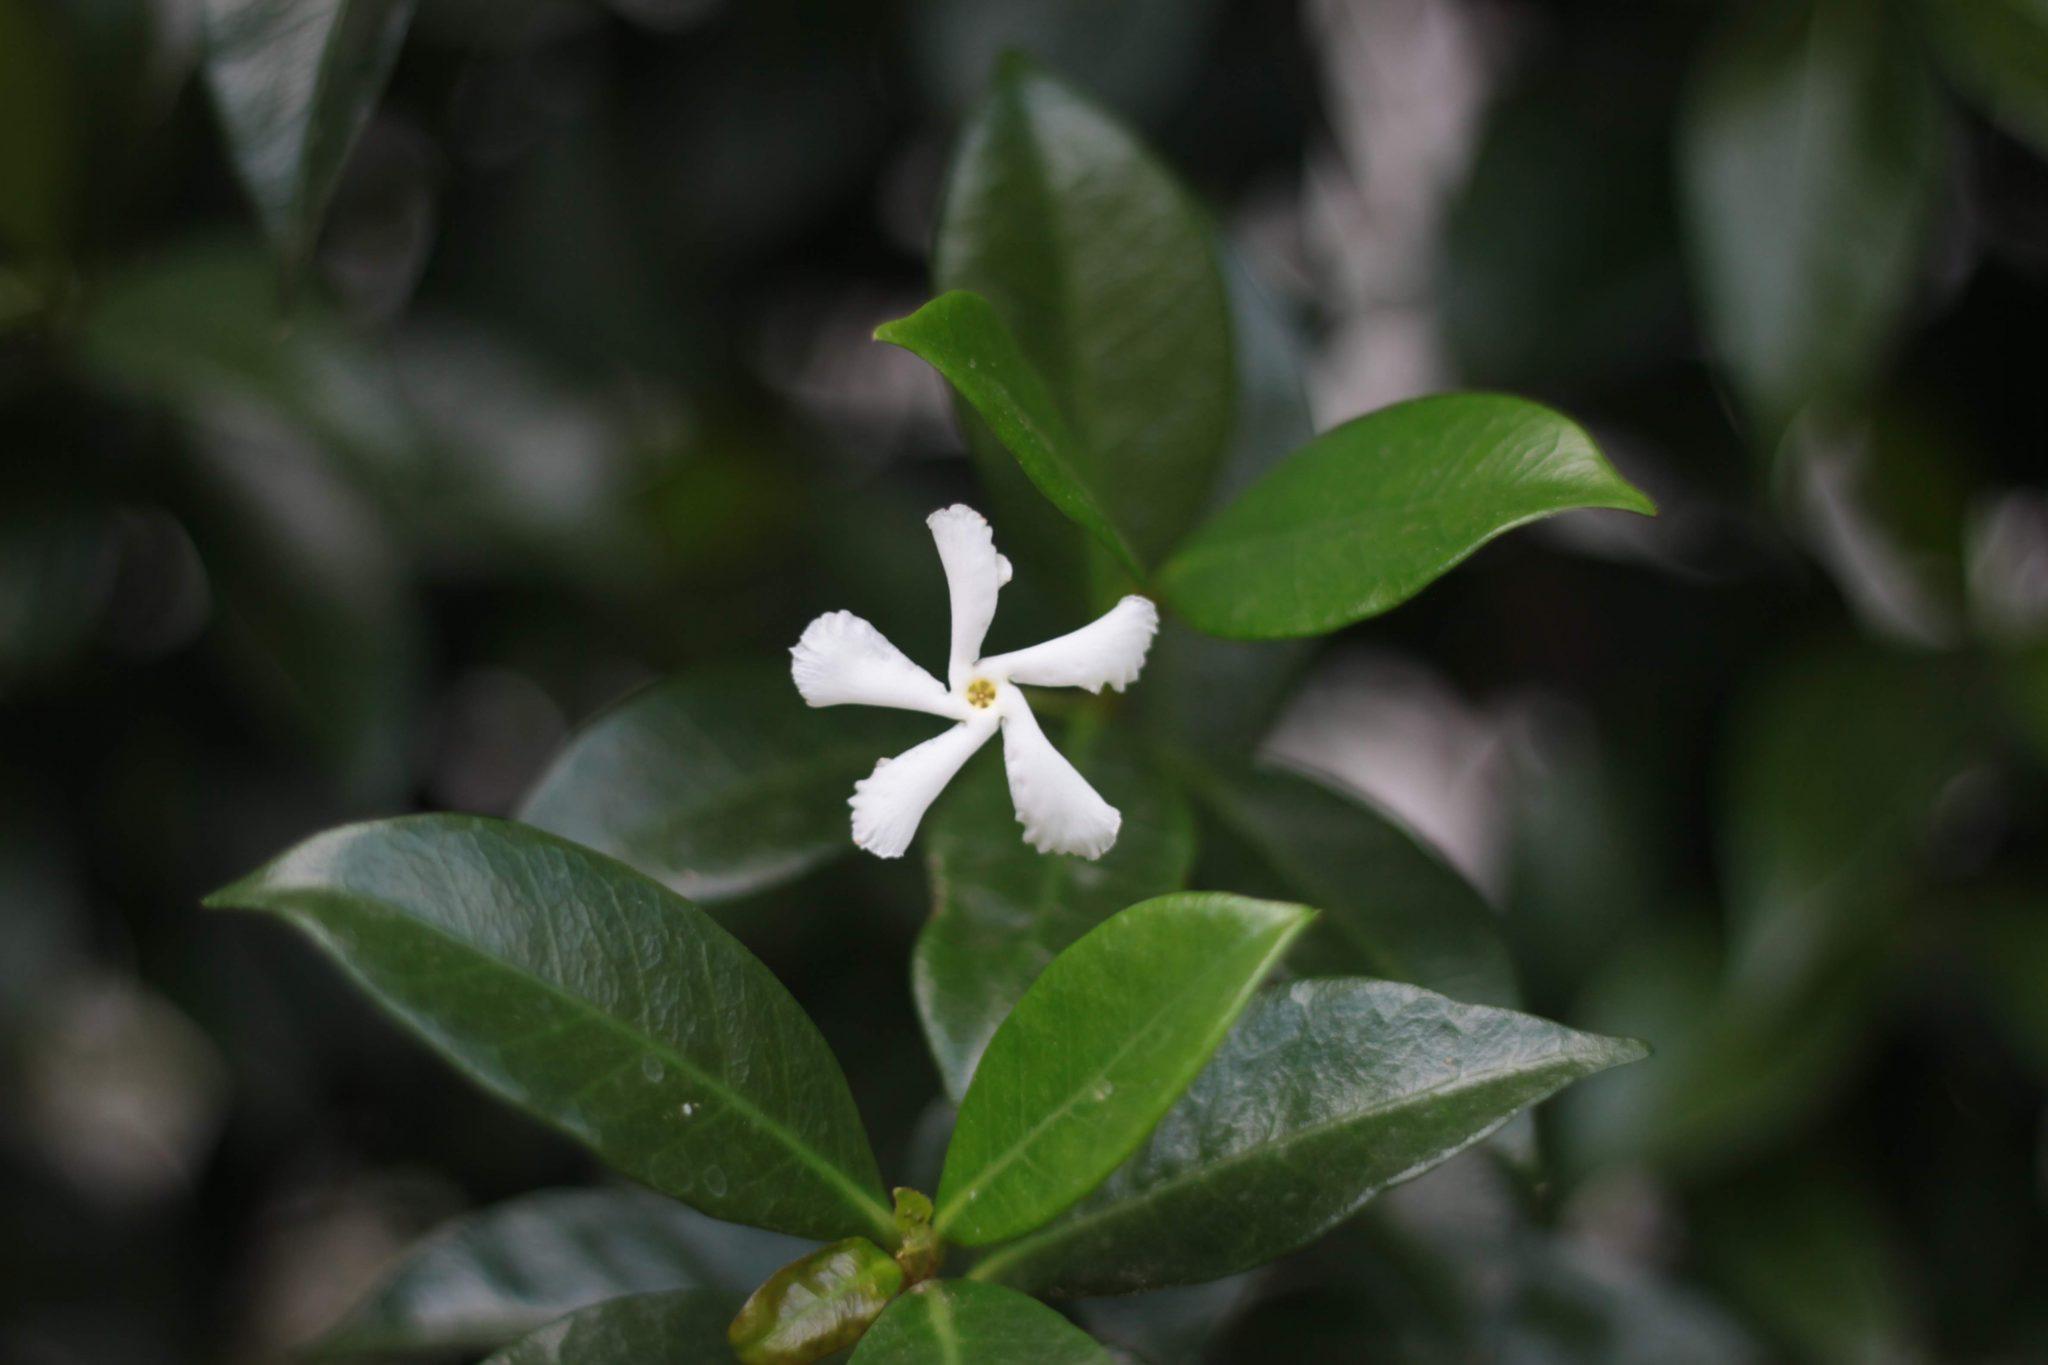 Hoa lài hay hoa nhài có mặt ở nhiều nơi trên thế giới với nhiều hình thái và chủng loại khác nhau